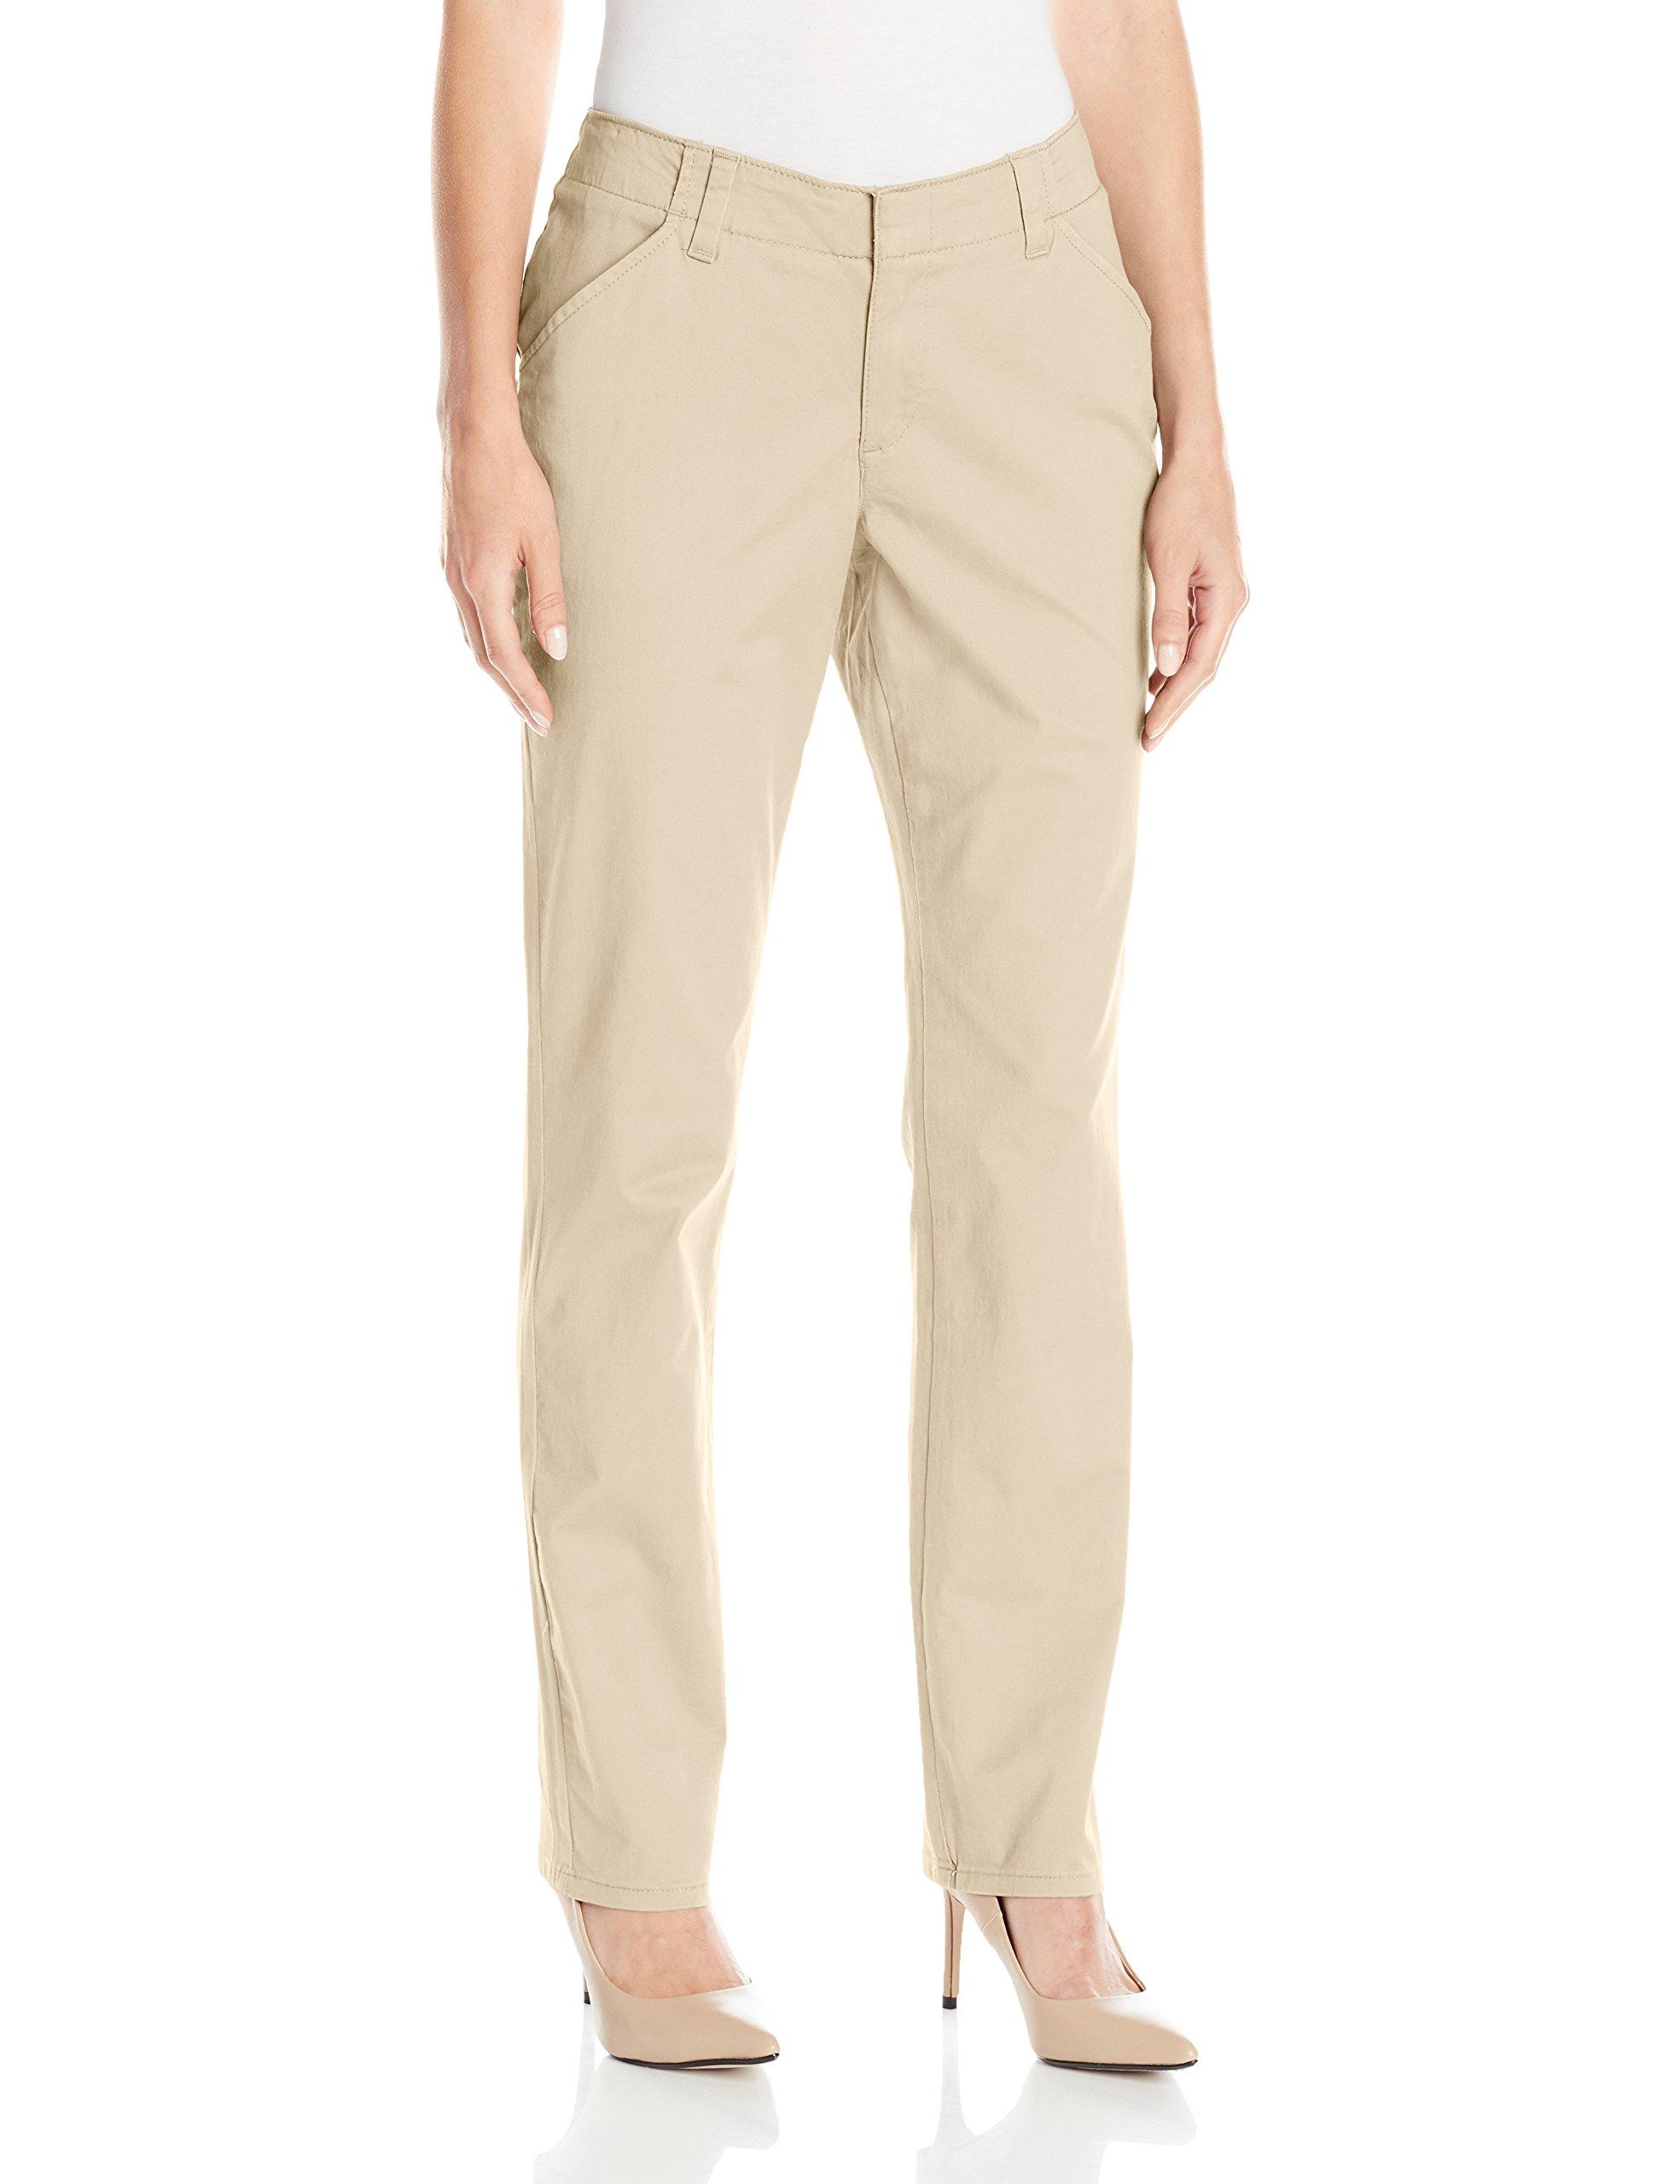 Lee Women's Midrise Fit Essential Chino Pant, Vintage Bungalow Khaki, 10 Short